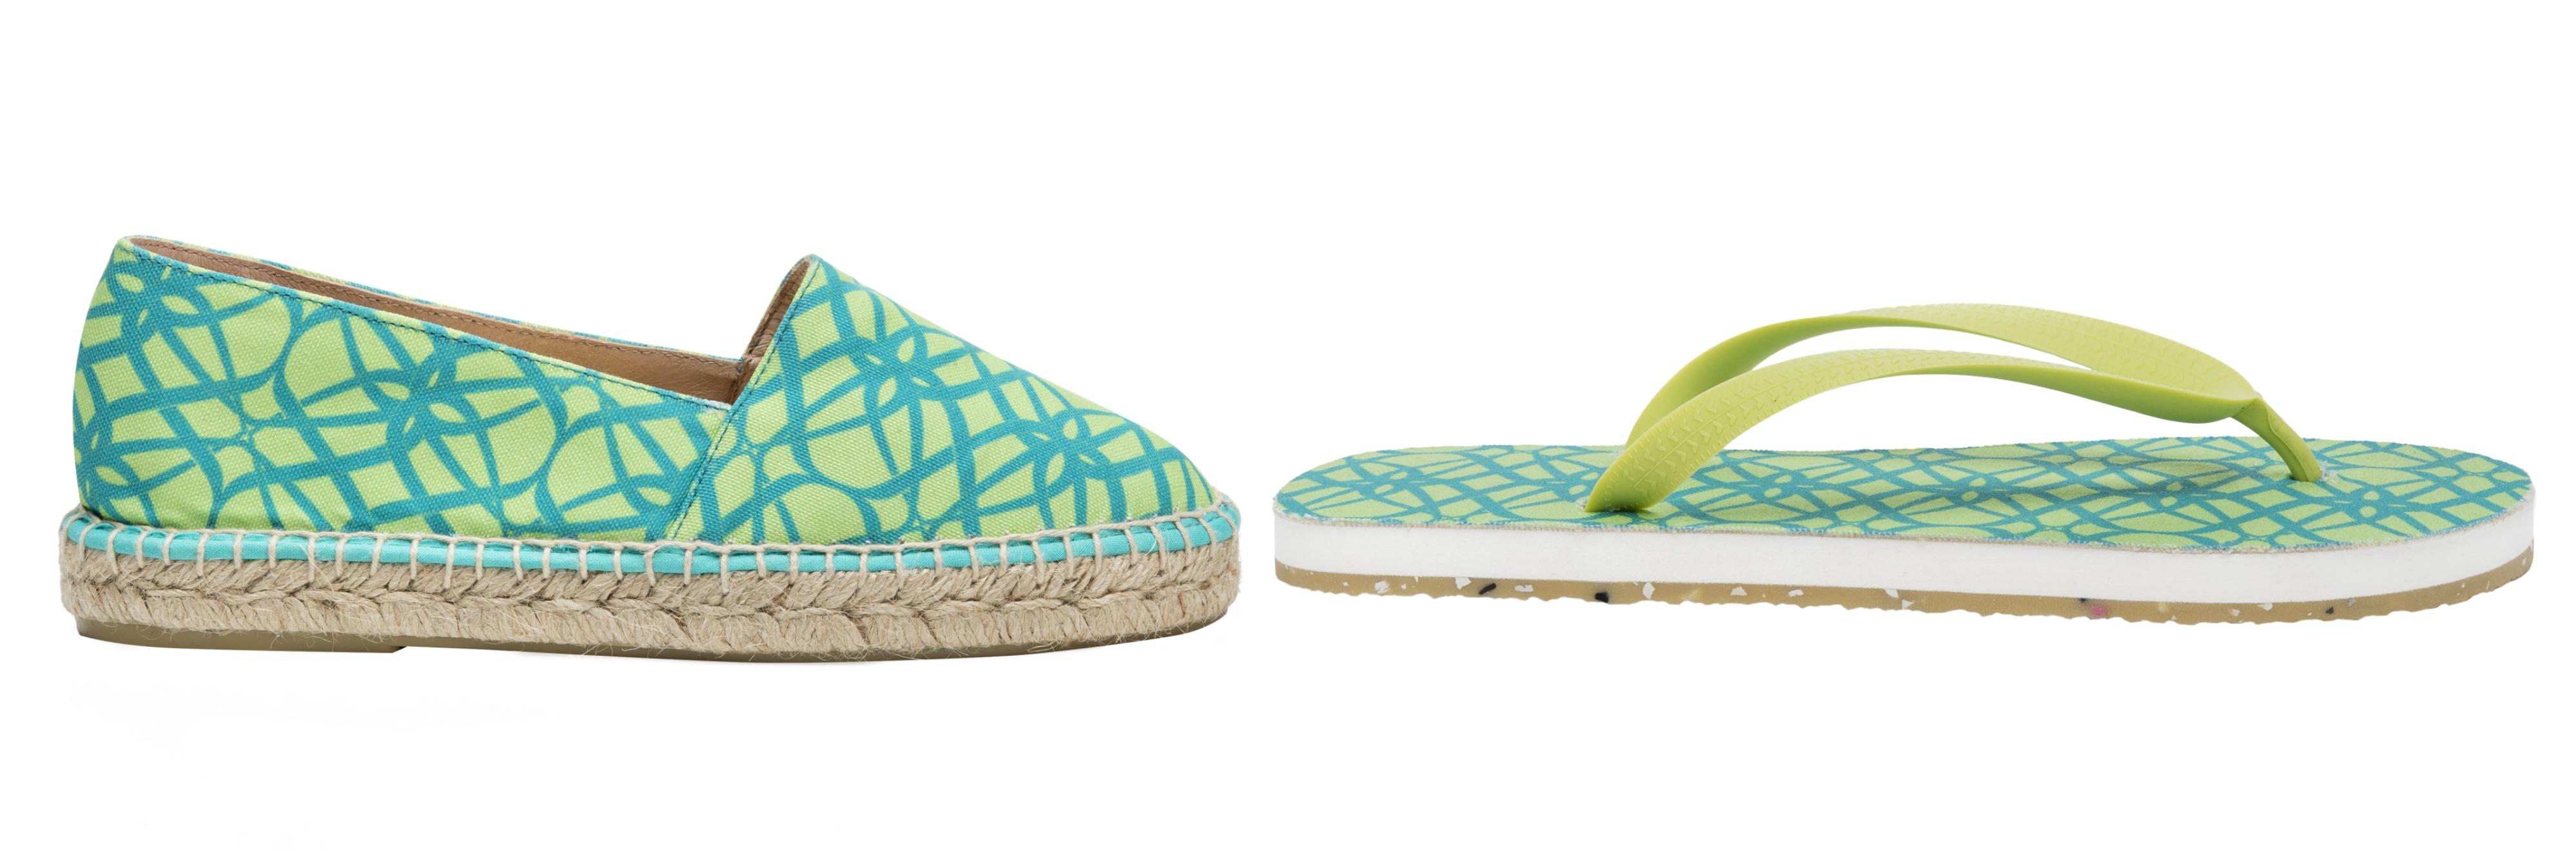 Jeff Bargues diseña los zapatos y bolsos de Cuplé esta temporada - image cuple-vanidad1 on https://www.vanidad.es